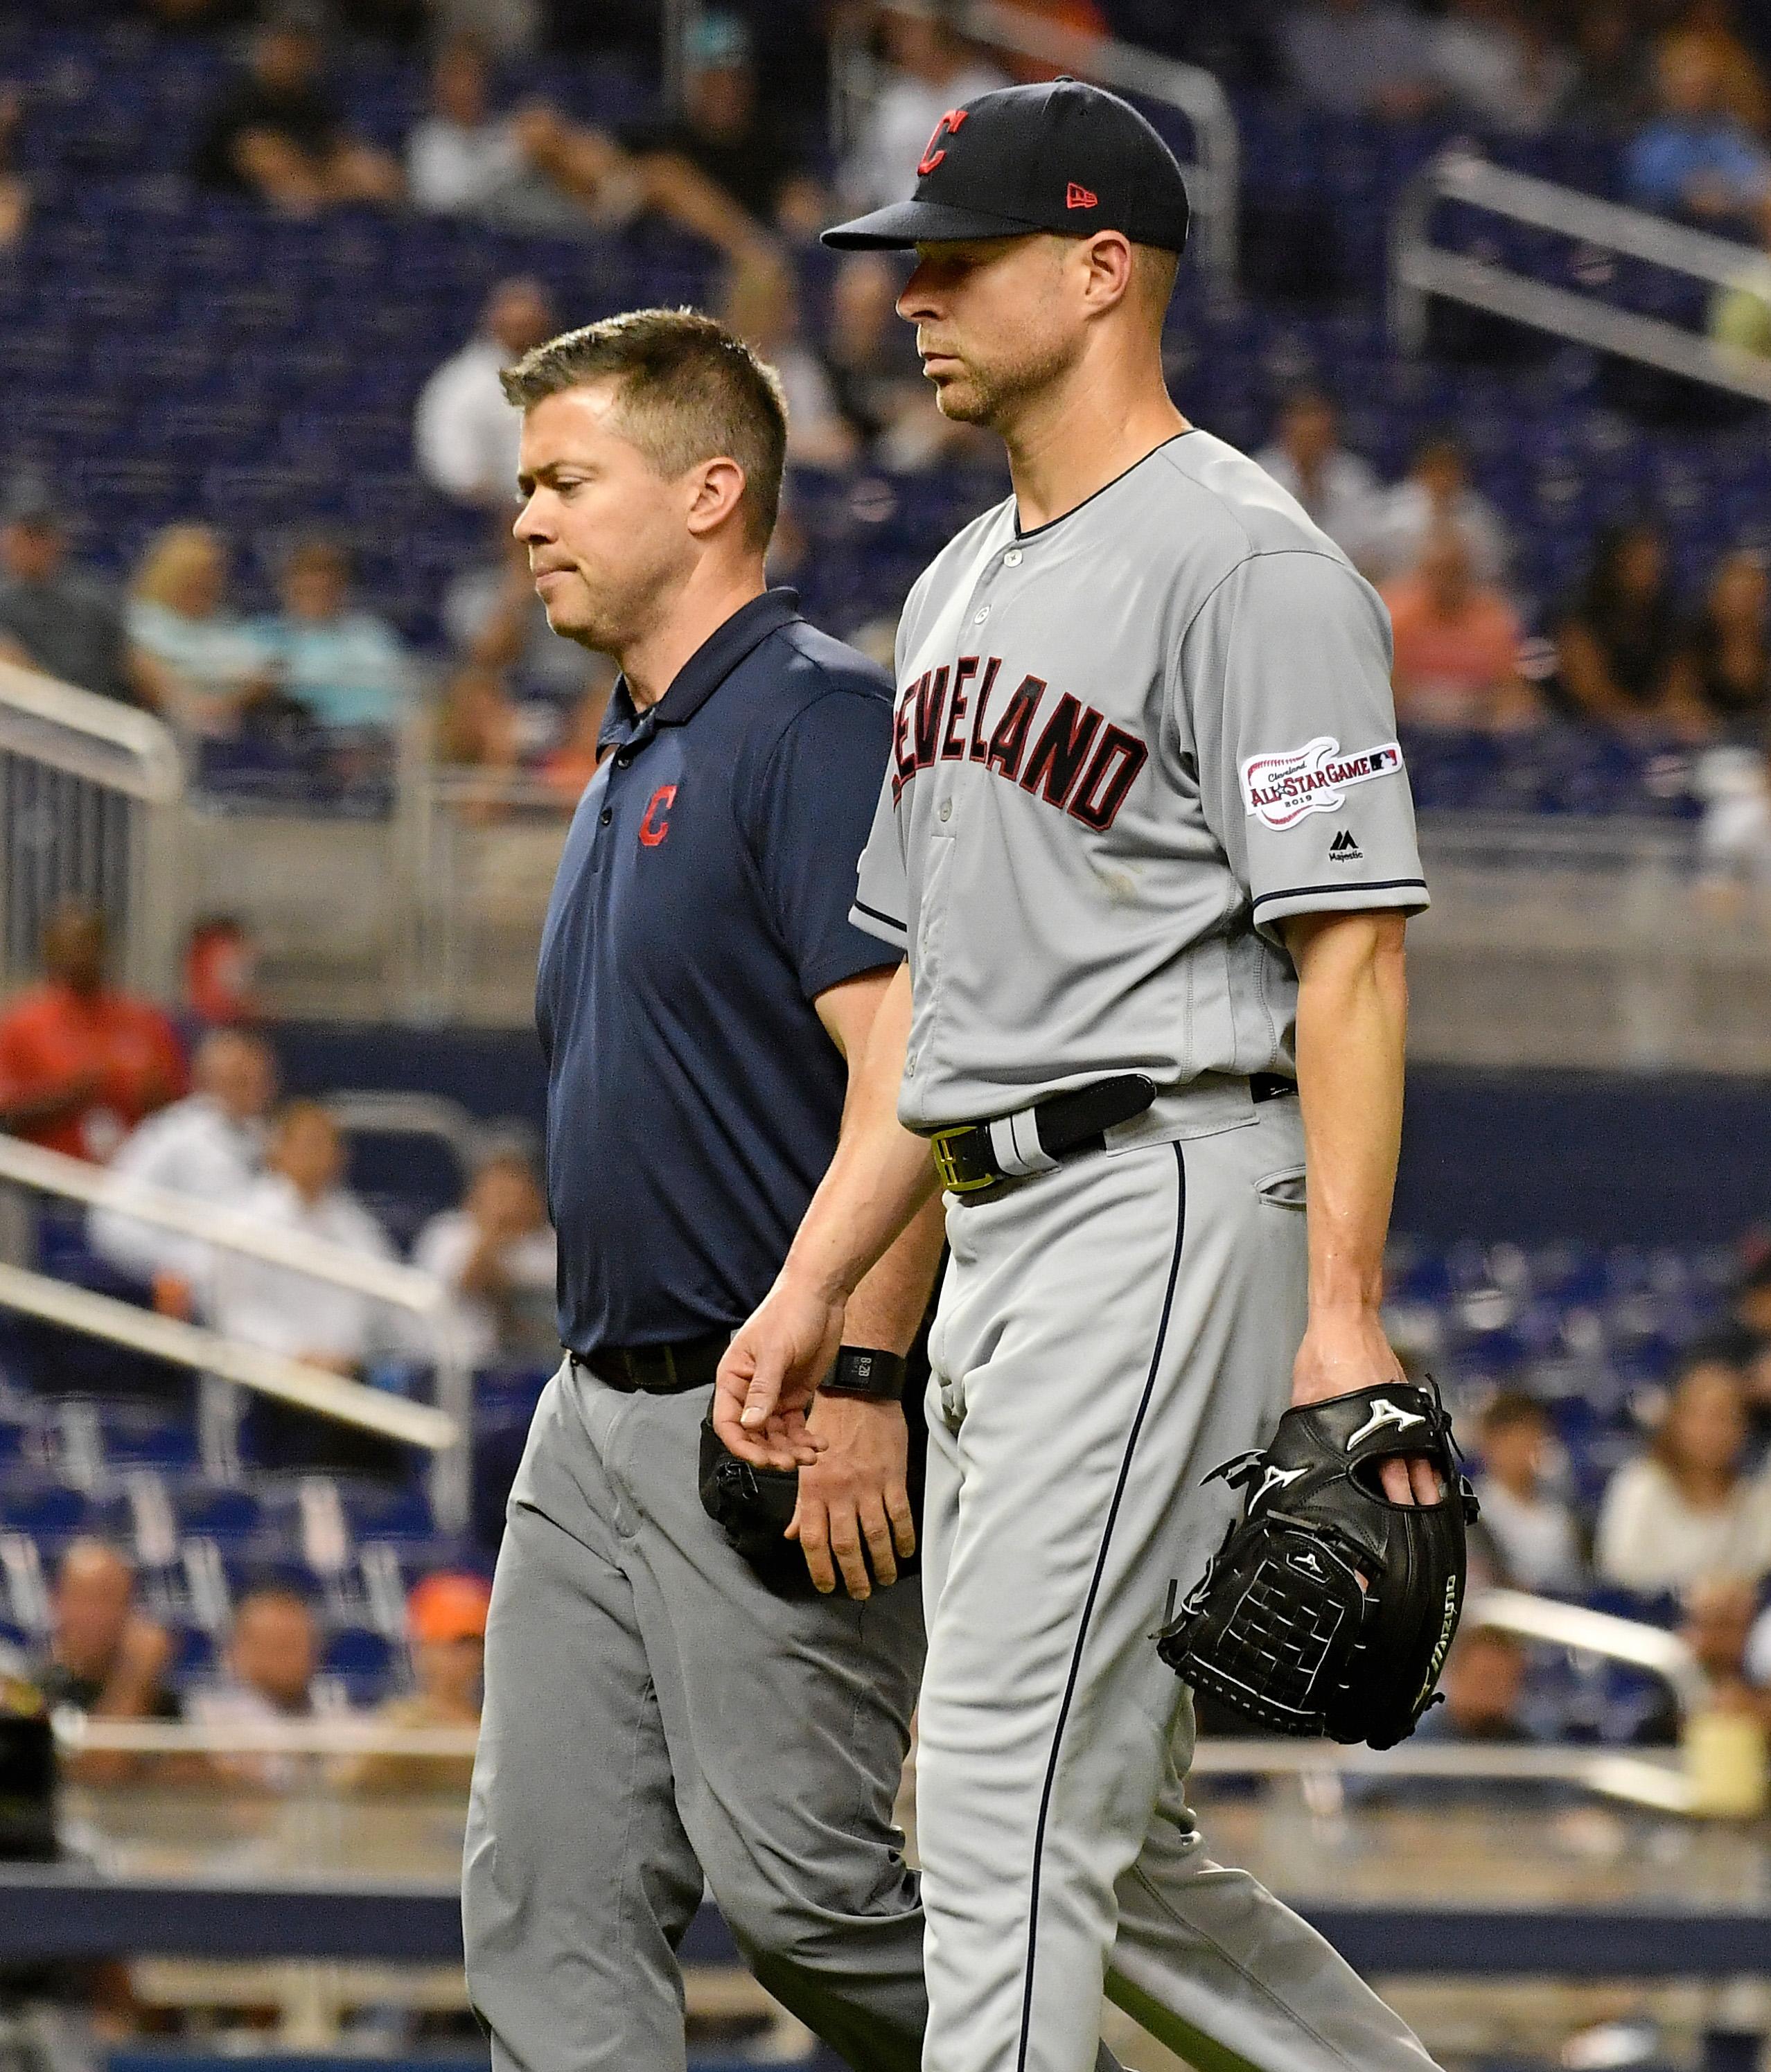 MLB: Cleveland Indians at Miami Marlins